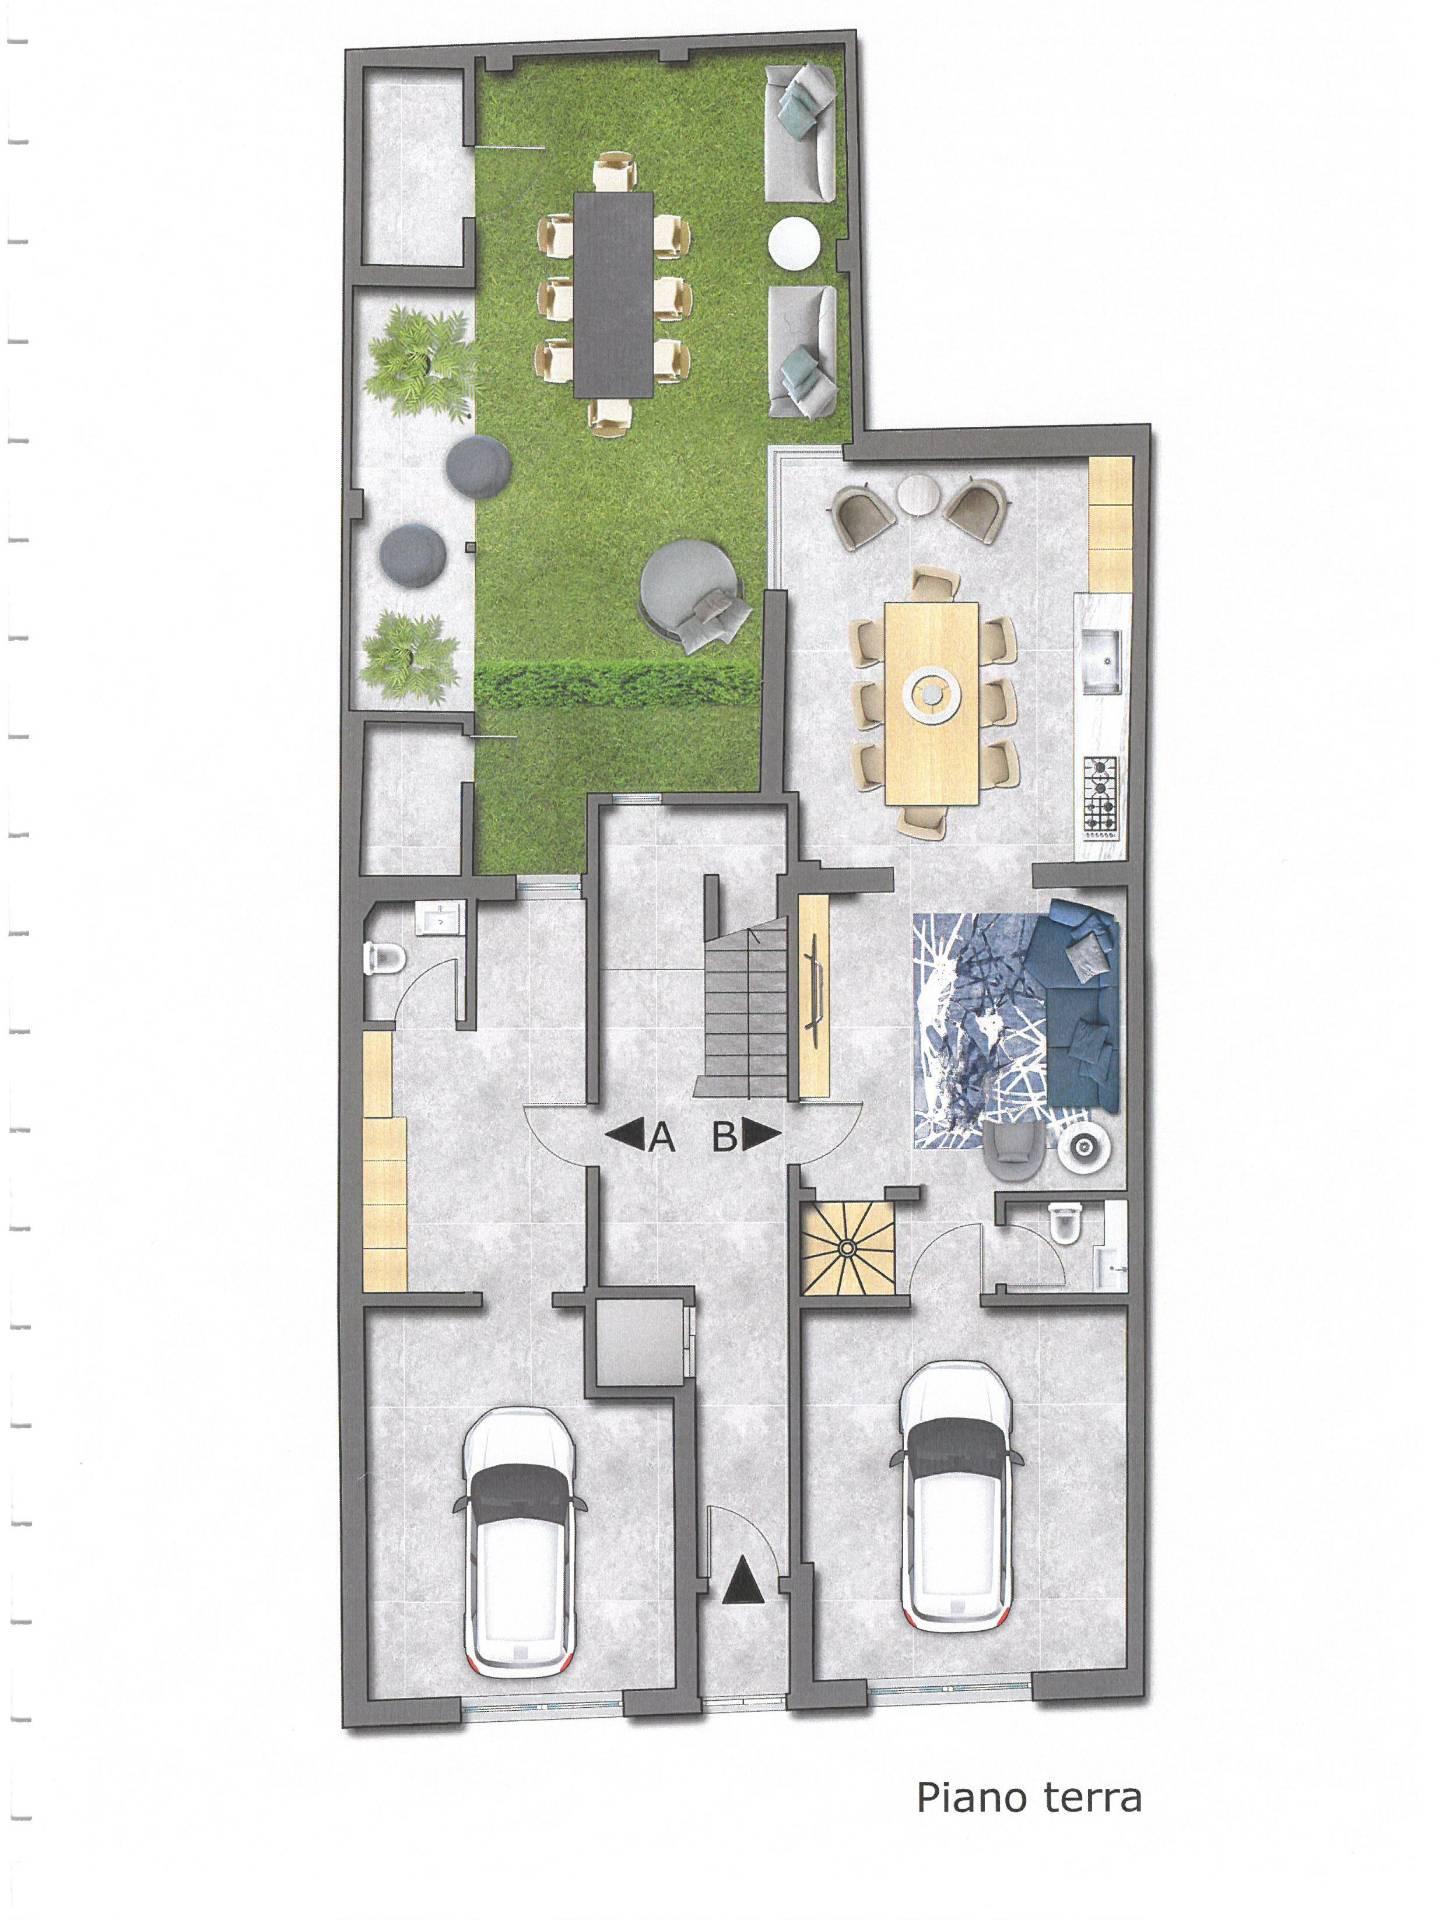 Appartamento in vendita a Empoli, 5 locali, zona Località: Centro, Trattative riservate | CambioCasa.it